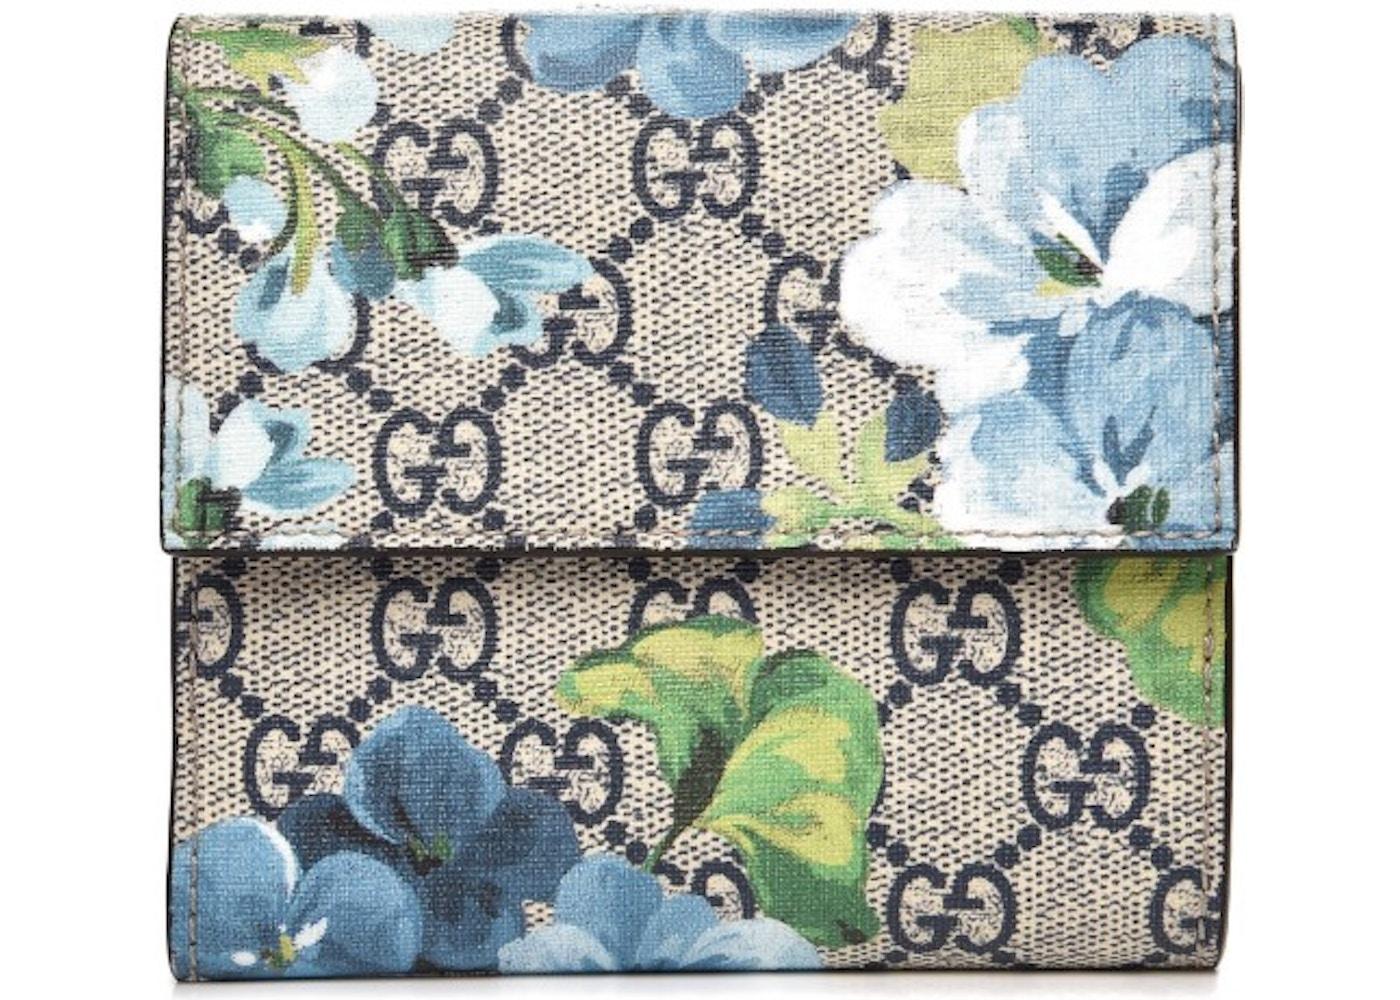 a1fc3e10ecf Gucci French Flap Wallet Monogram GG Supreme Blooms Print Blue. Monogram GG  Supreme Blooms Print Blue